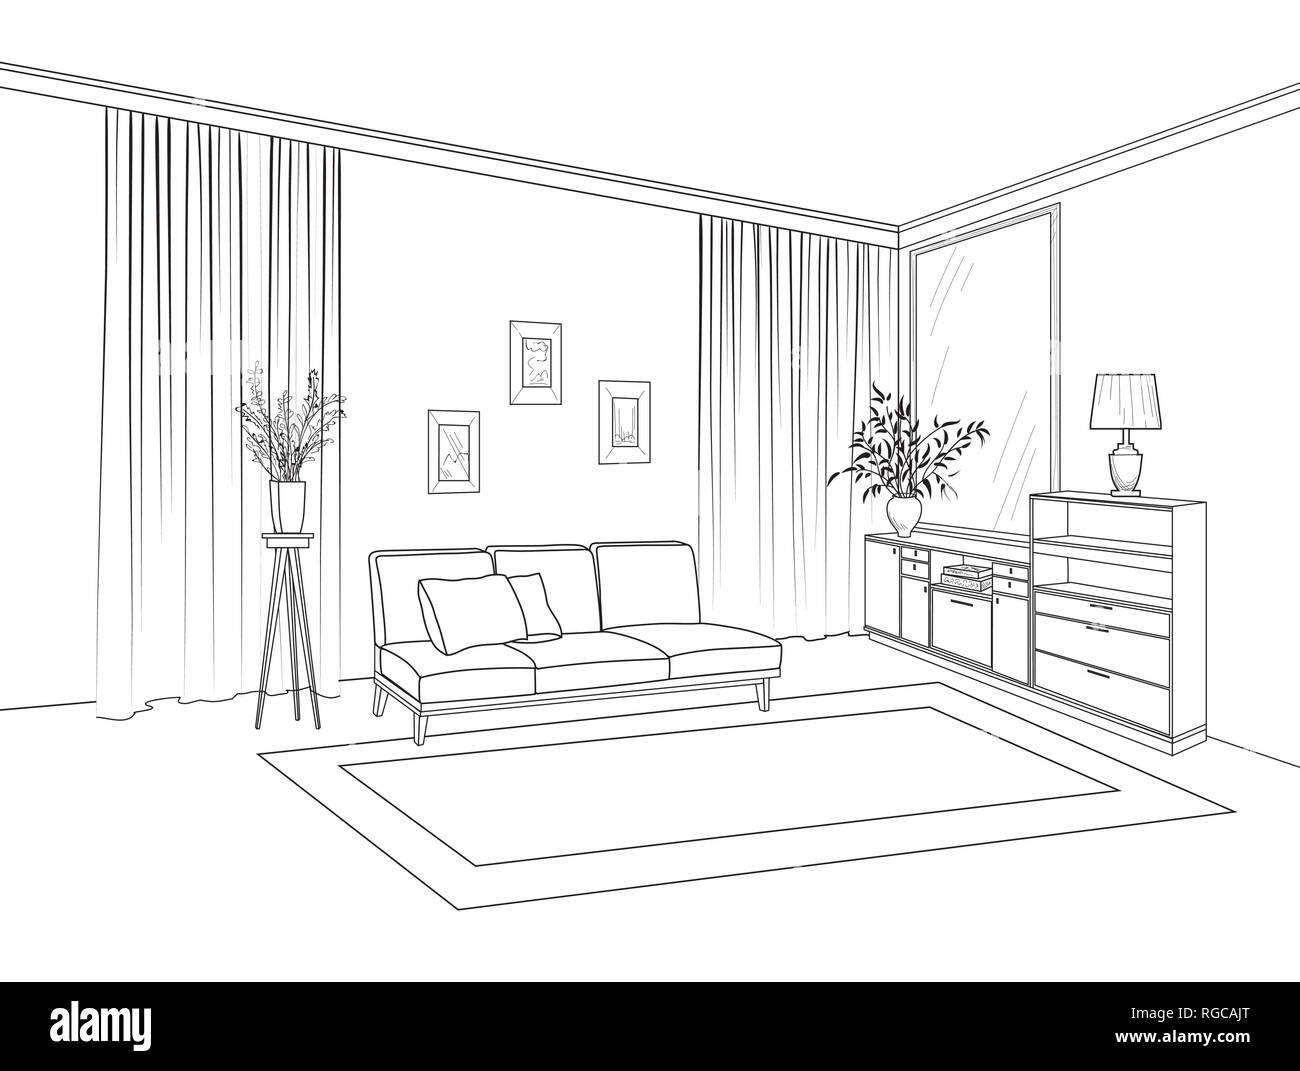 Home Wohnzimmer eingerichtet. Skizze Skizze von Möbeln mit ...